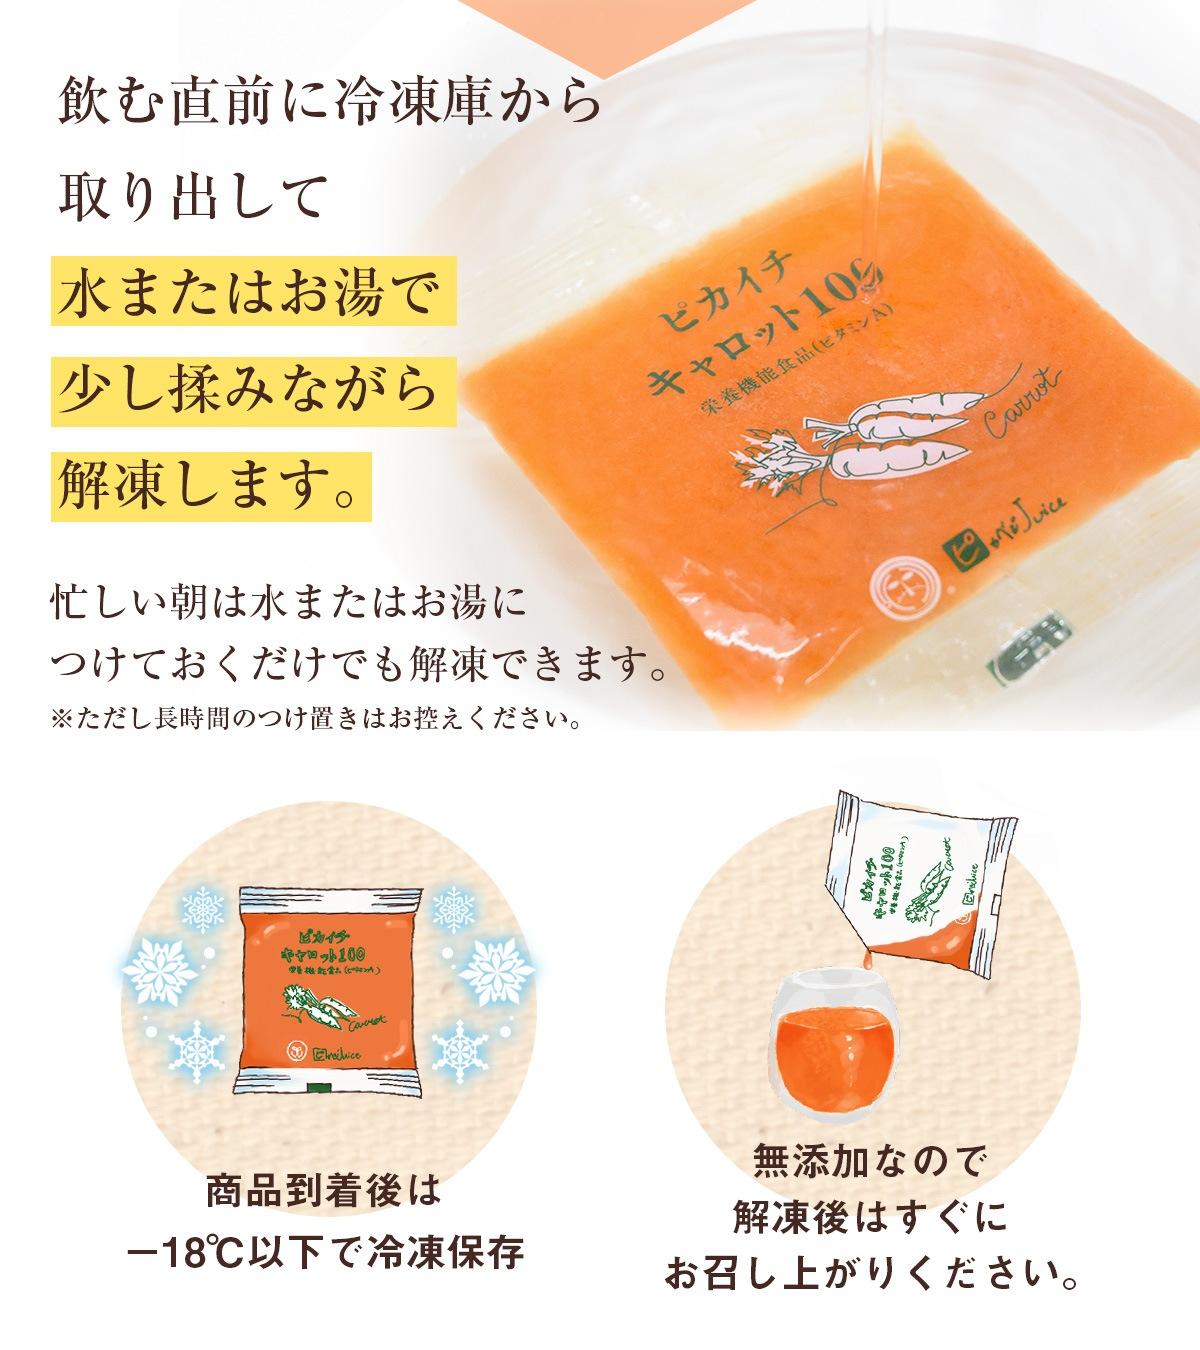 冷凍ジュースなら解凍するだけ!水またはお湯で少し揉みながら解凍します